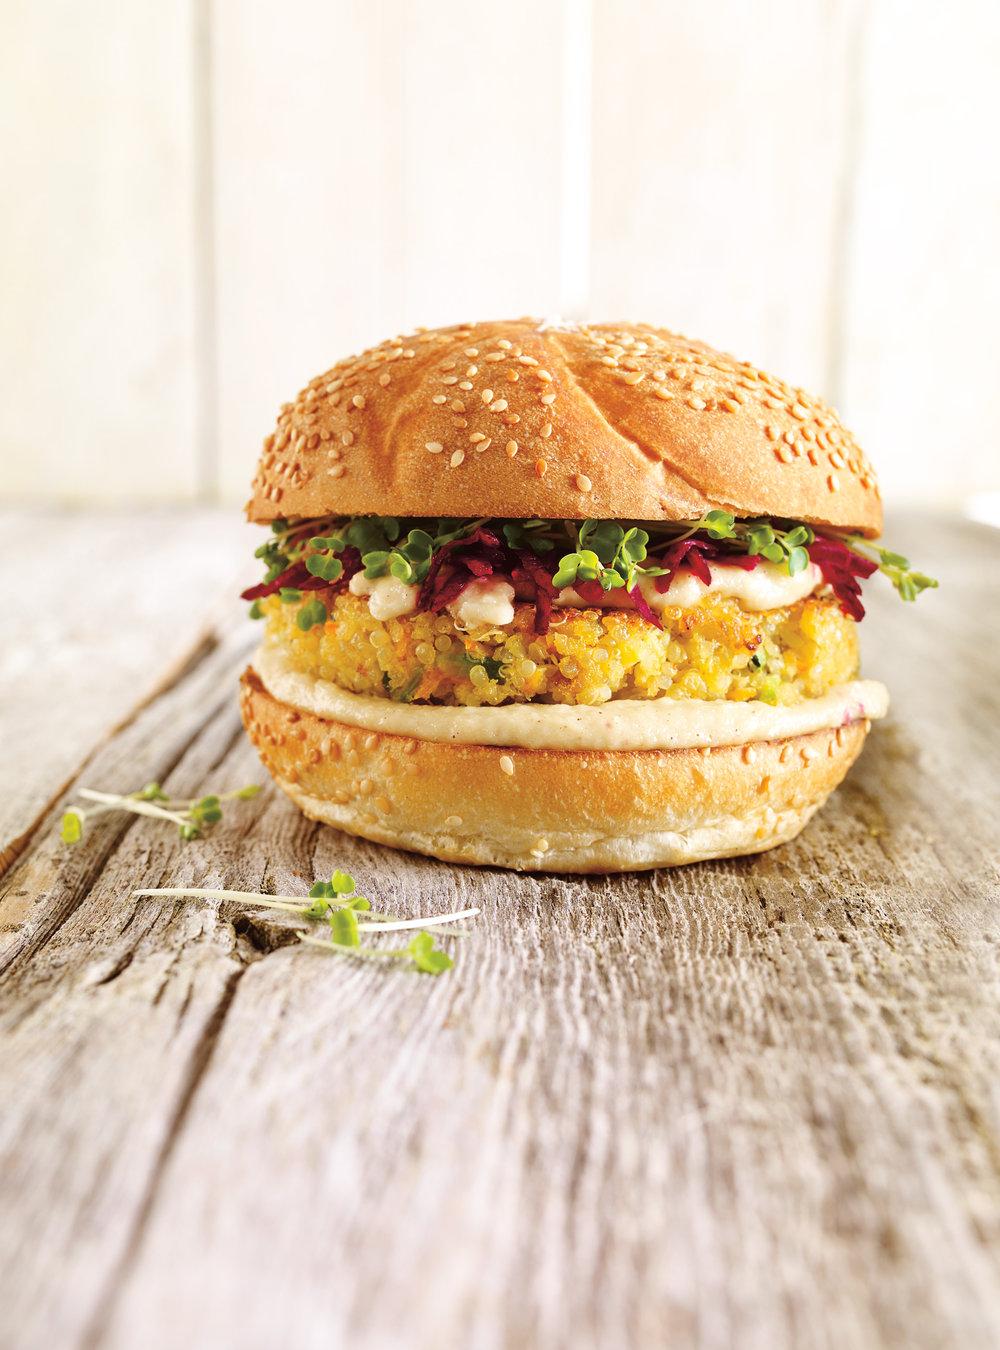 Végé burger au quinoa | ricardo